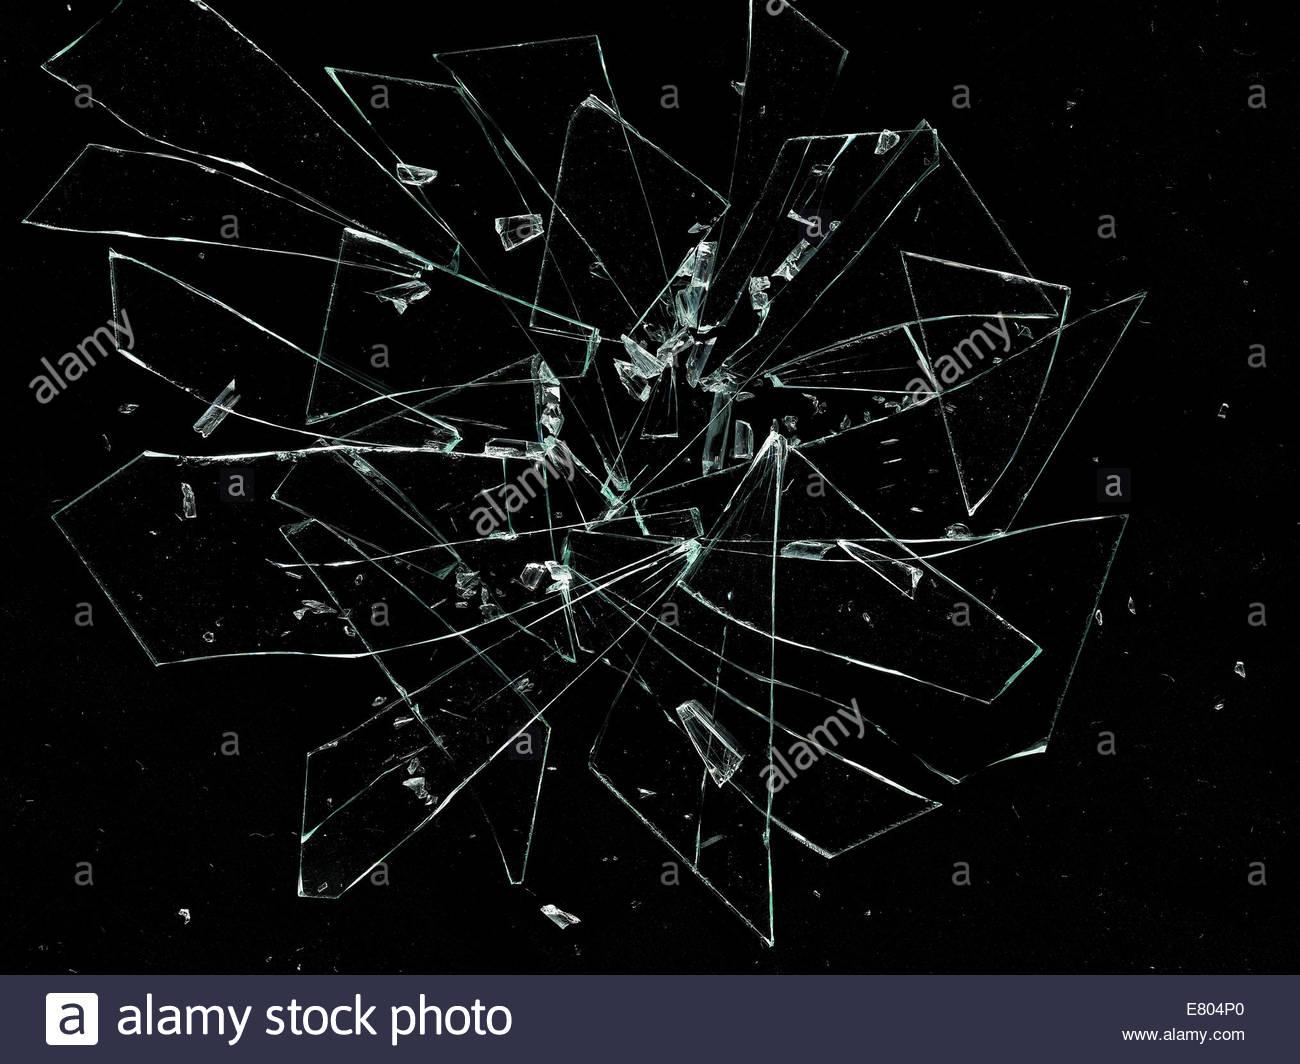 In Stücke, Risse und gebrochene Glas auf schwarzem Hintergrund zerbrochen Stockbild